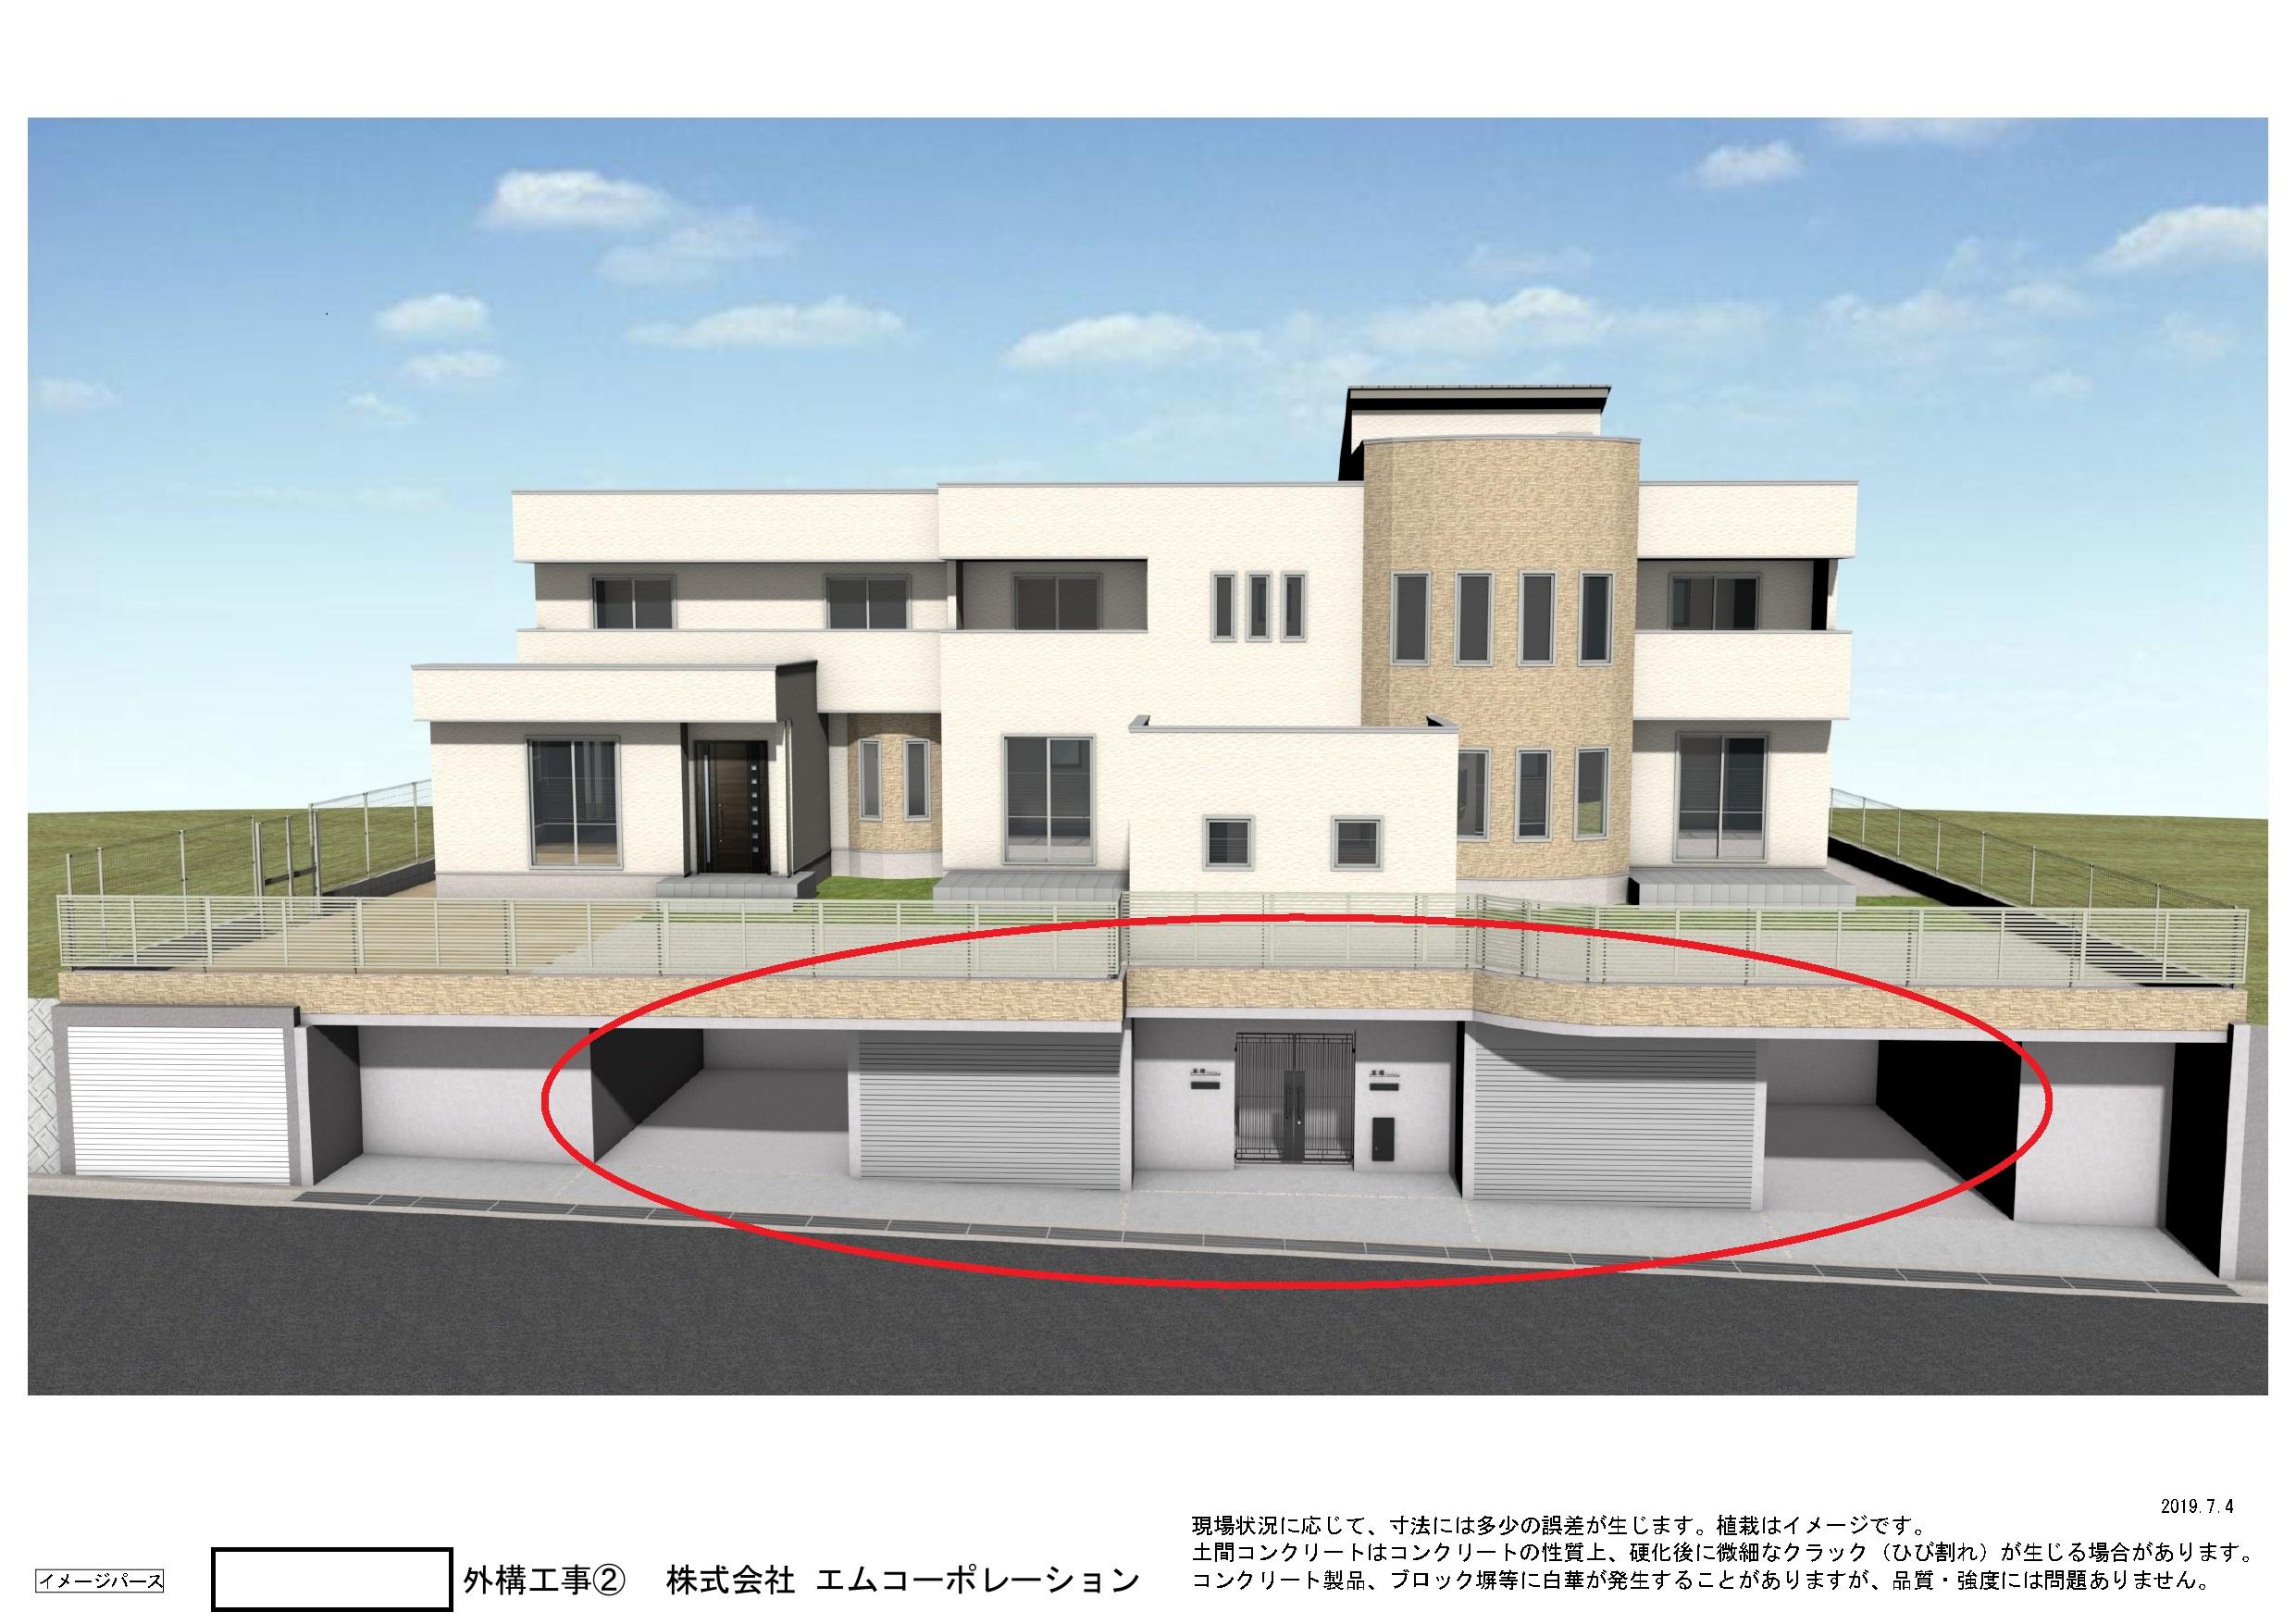 高橋様邸②パース3_page-0001